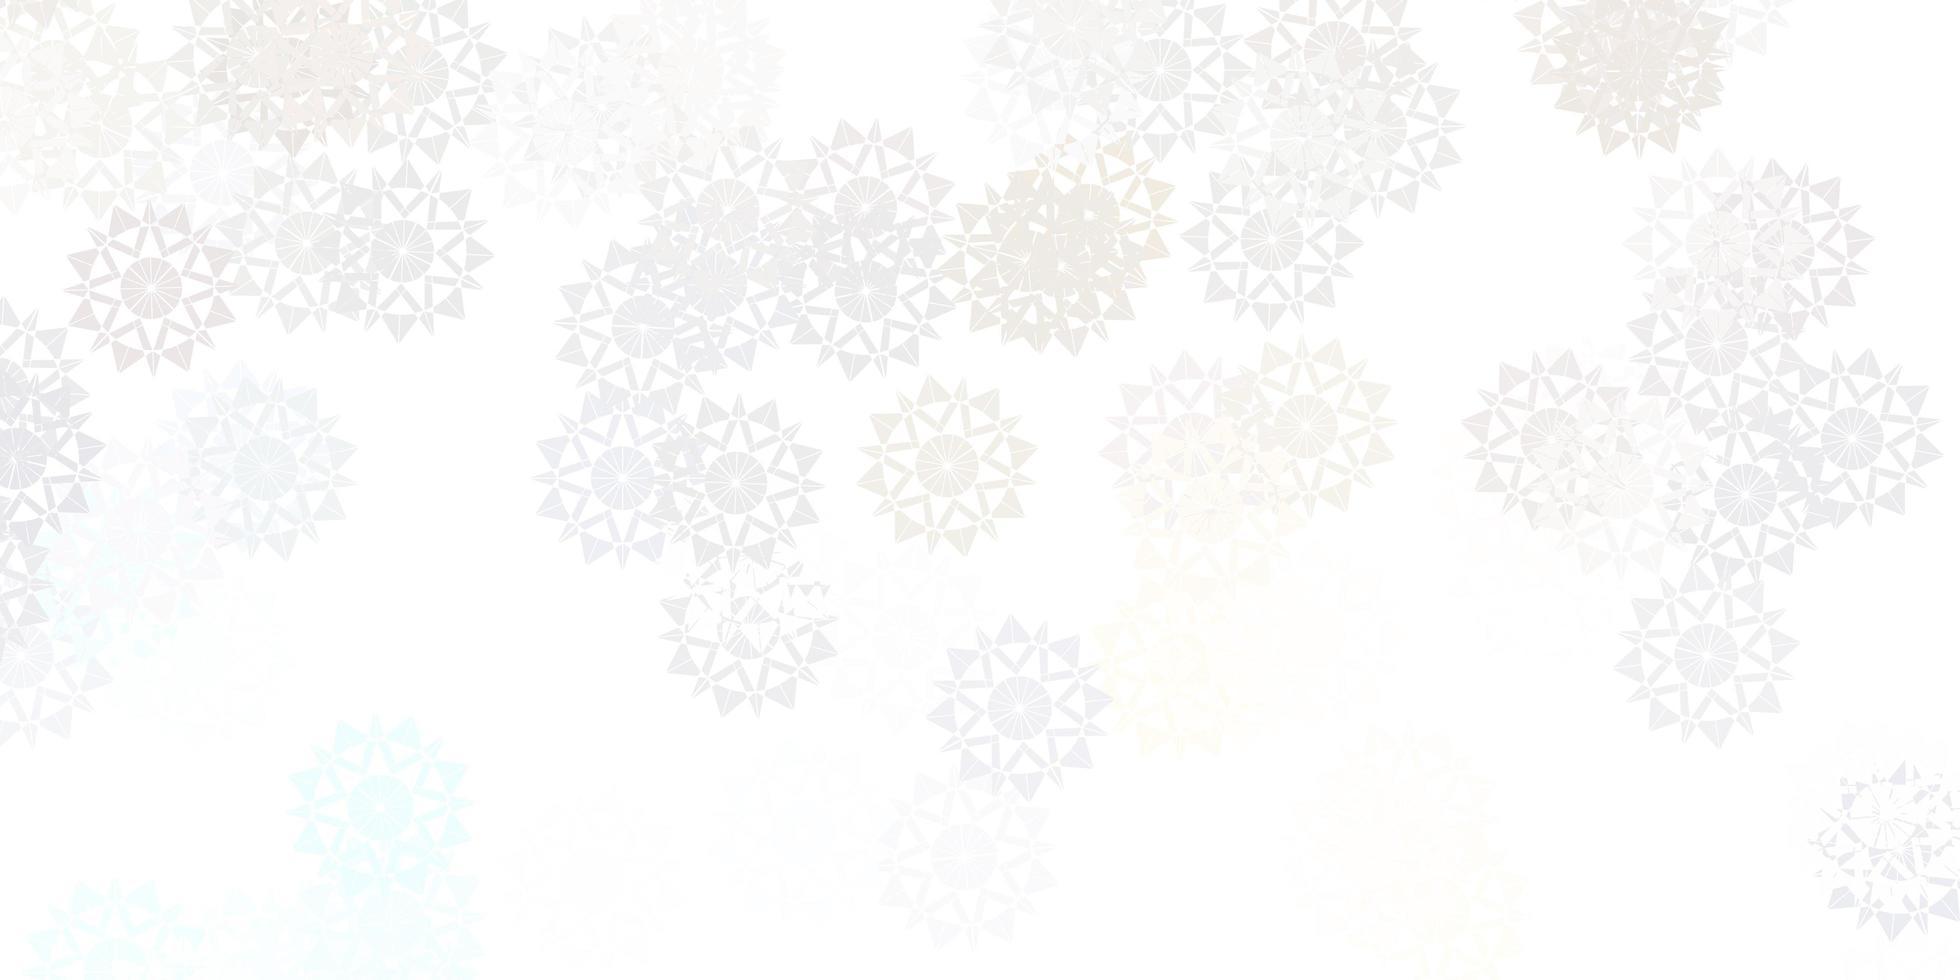 hellpurpurne Vektor schöne Schneeflocken Hintergrund mit Blumen.